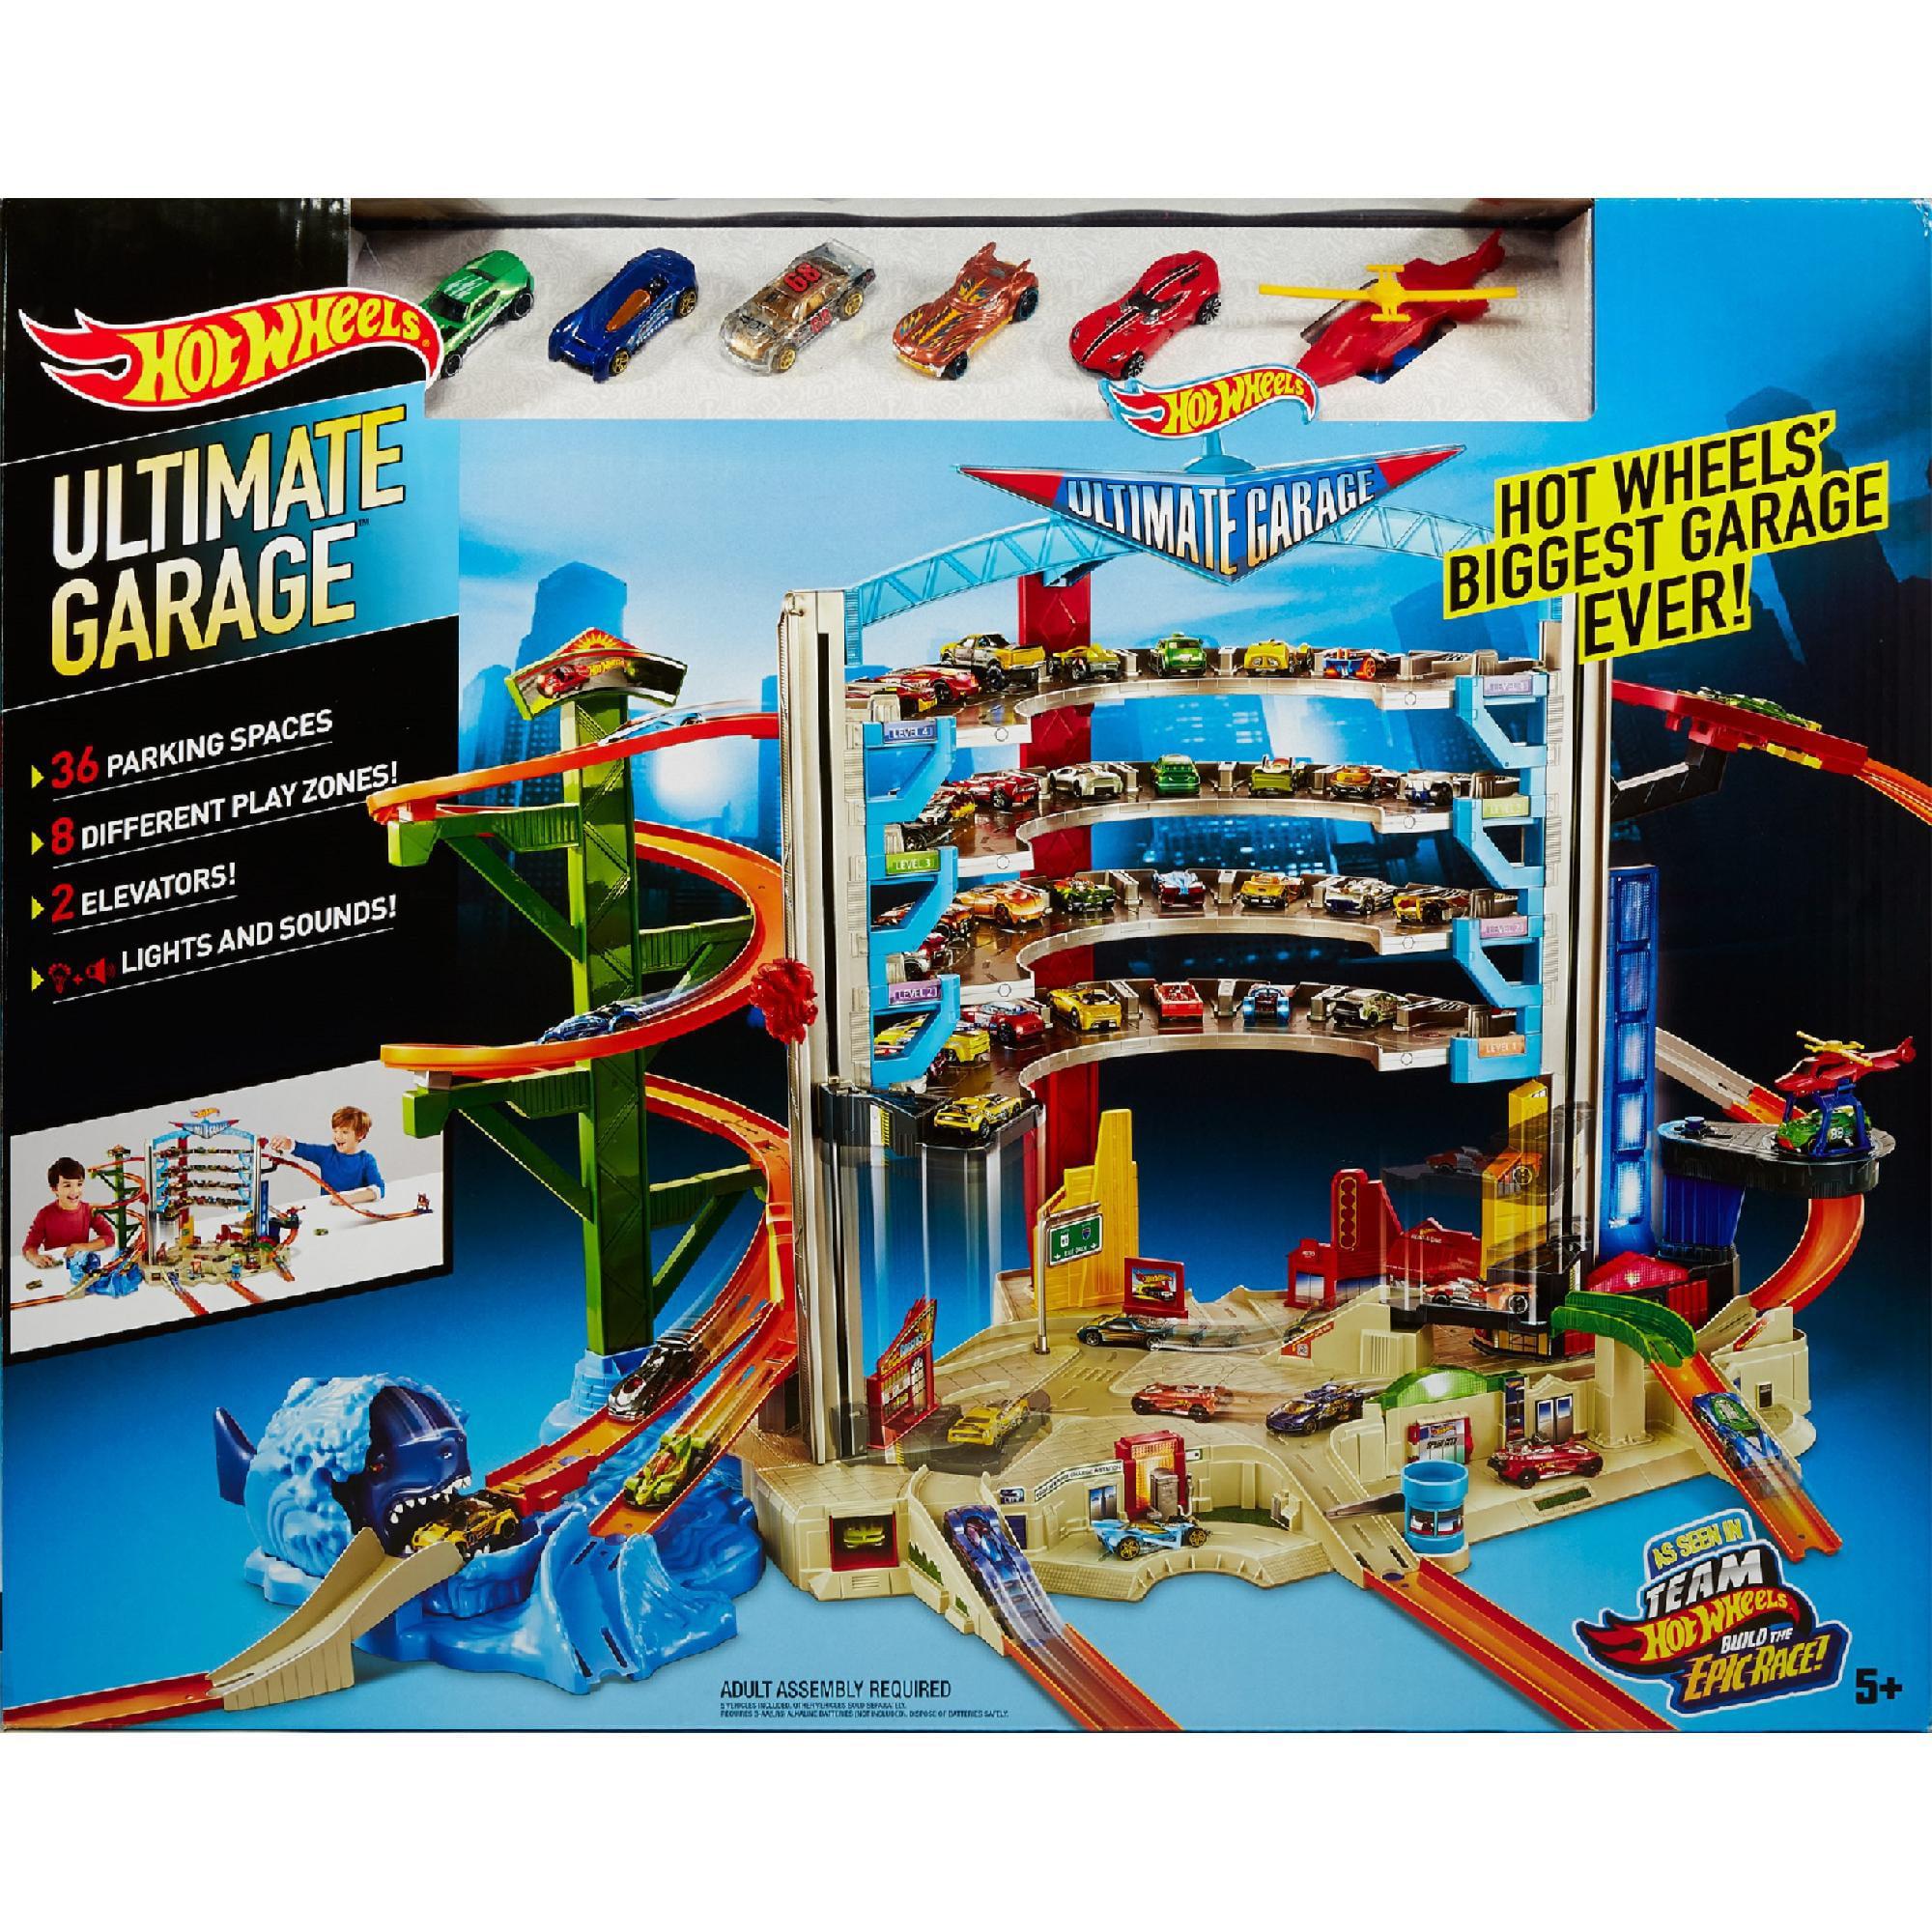 Hot Wheels Ultimate Garage Walmartcom